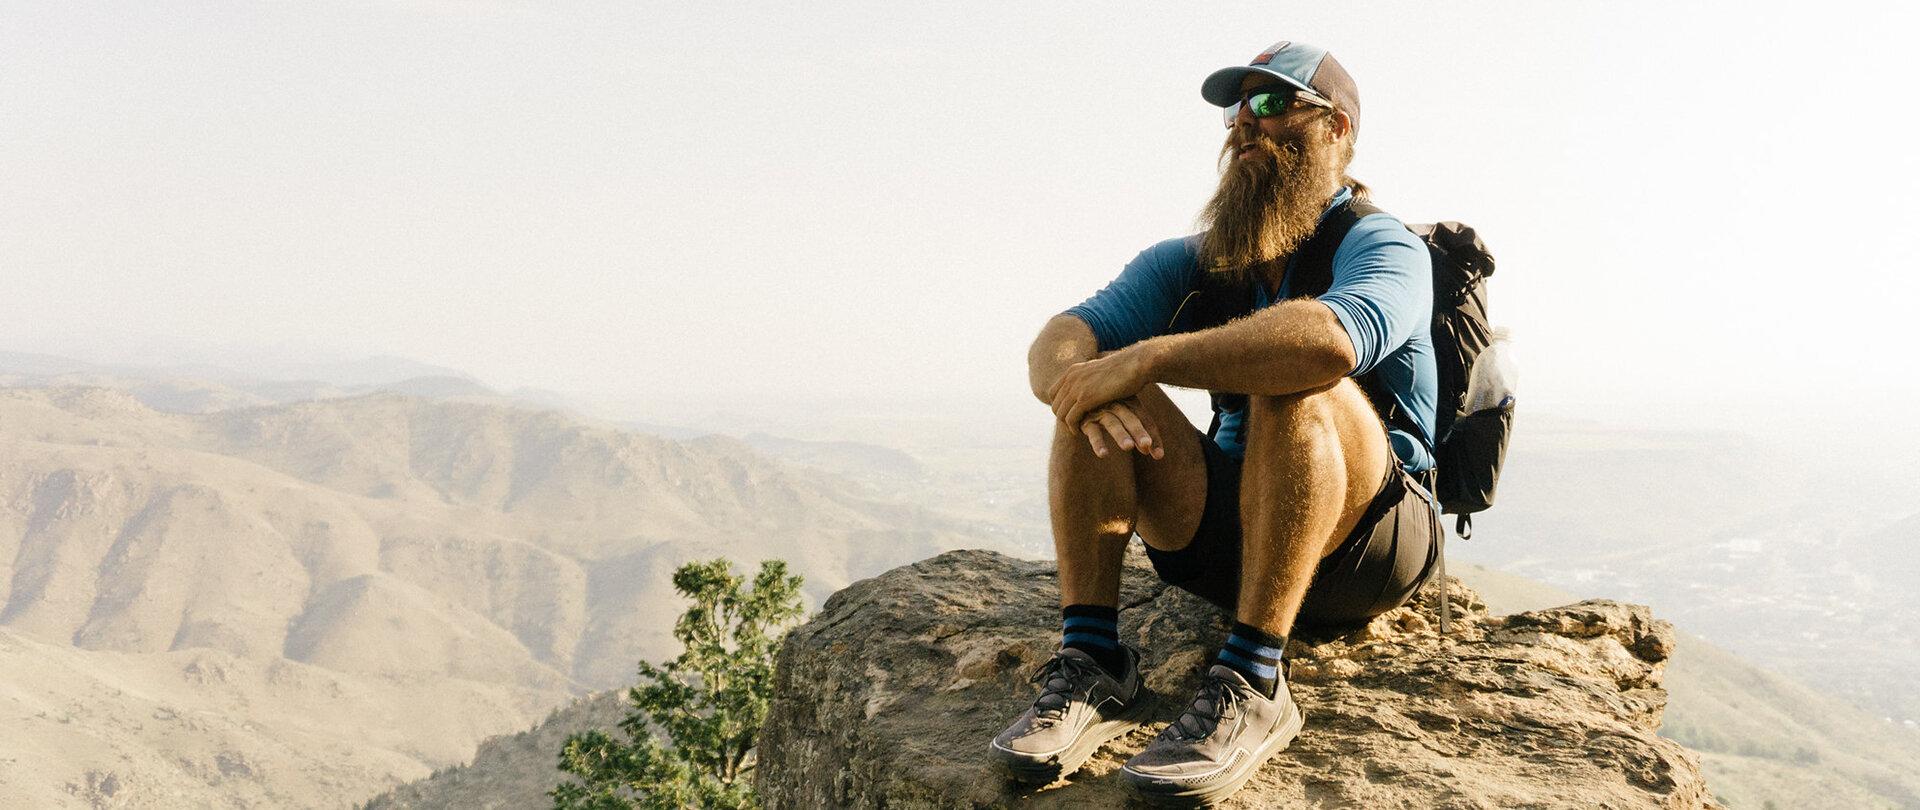 MOUNTAIN SMITH - THE HIKING VIKING -